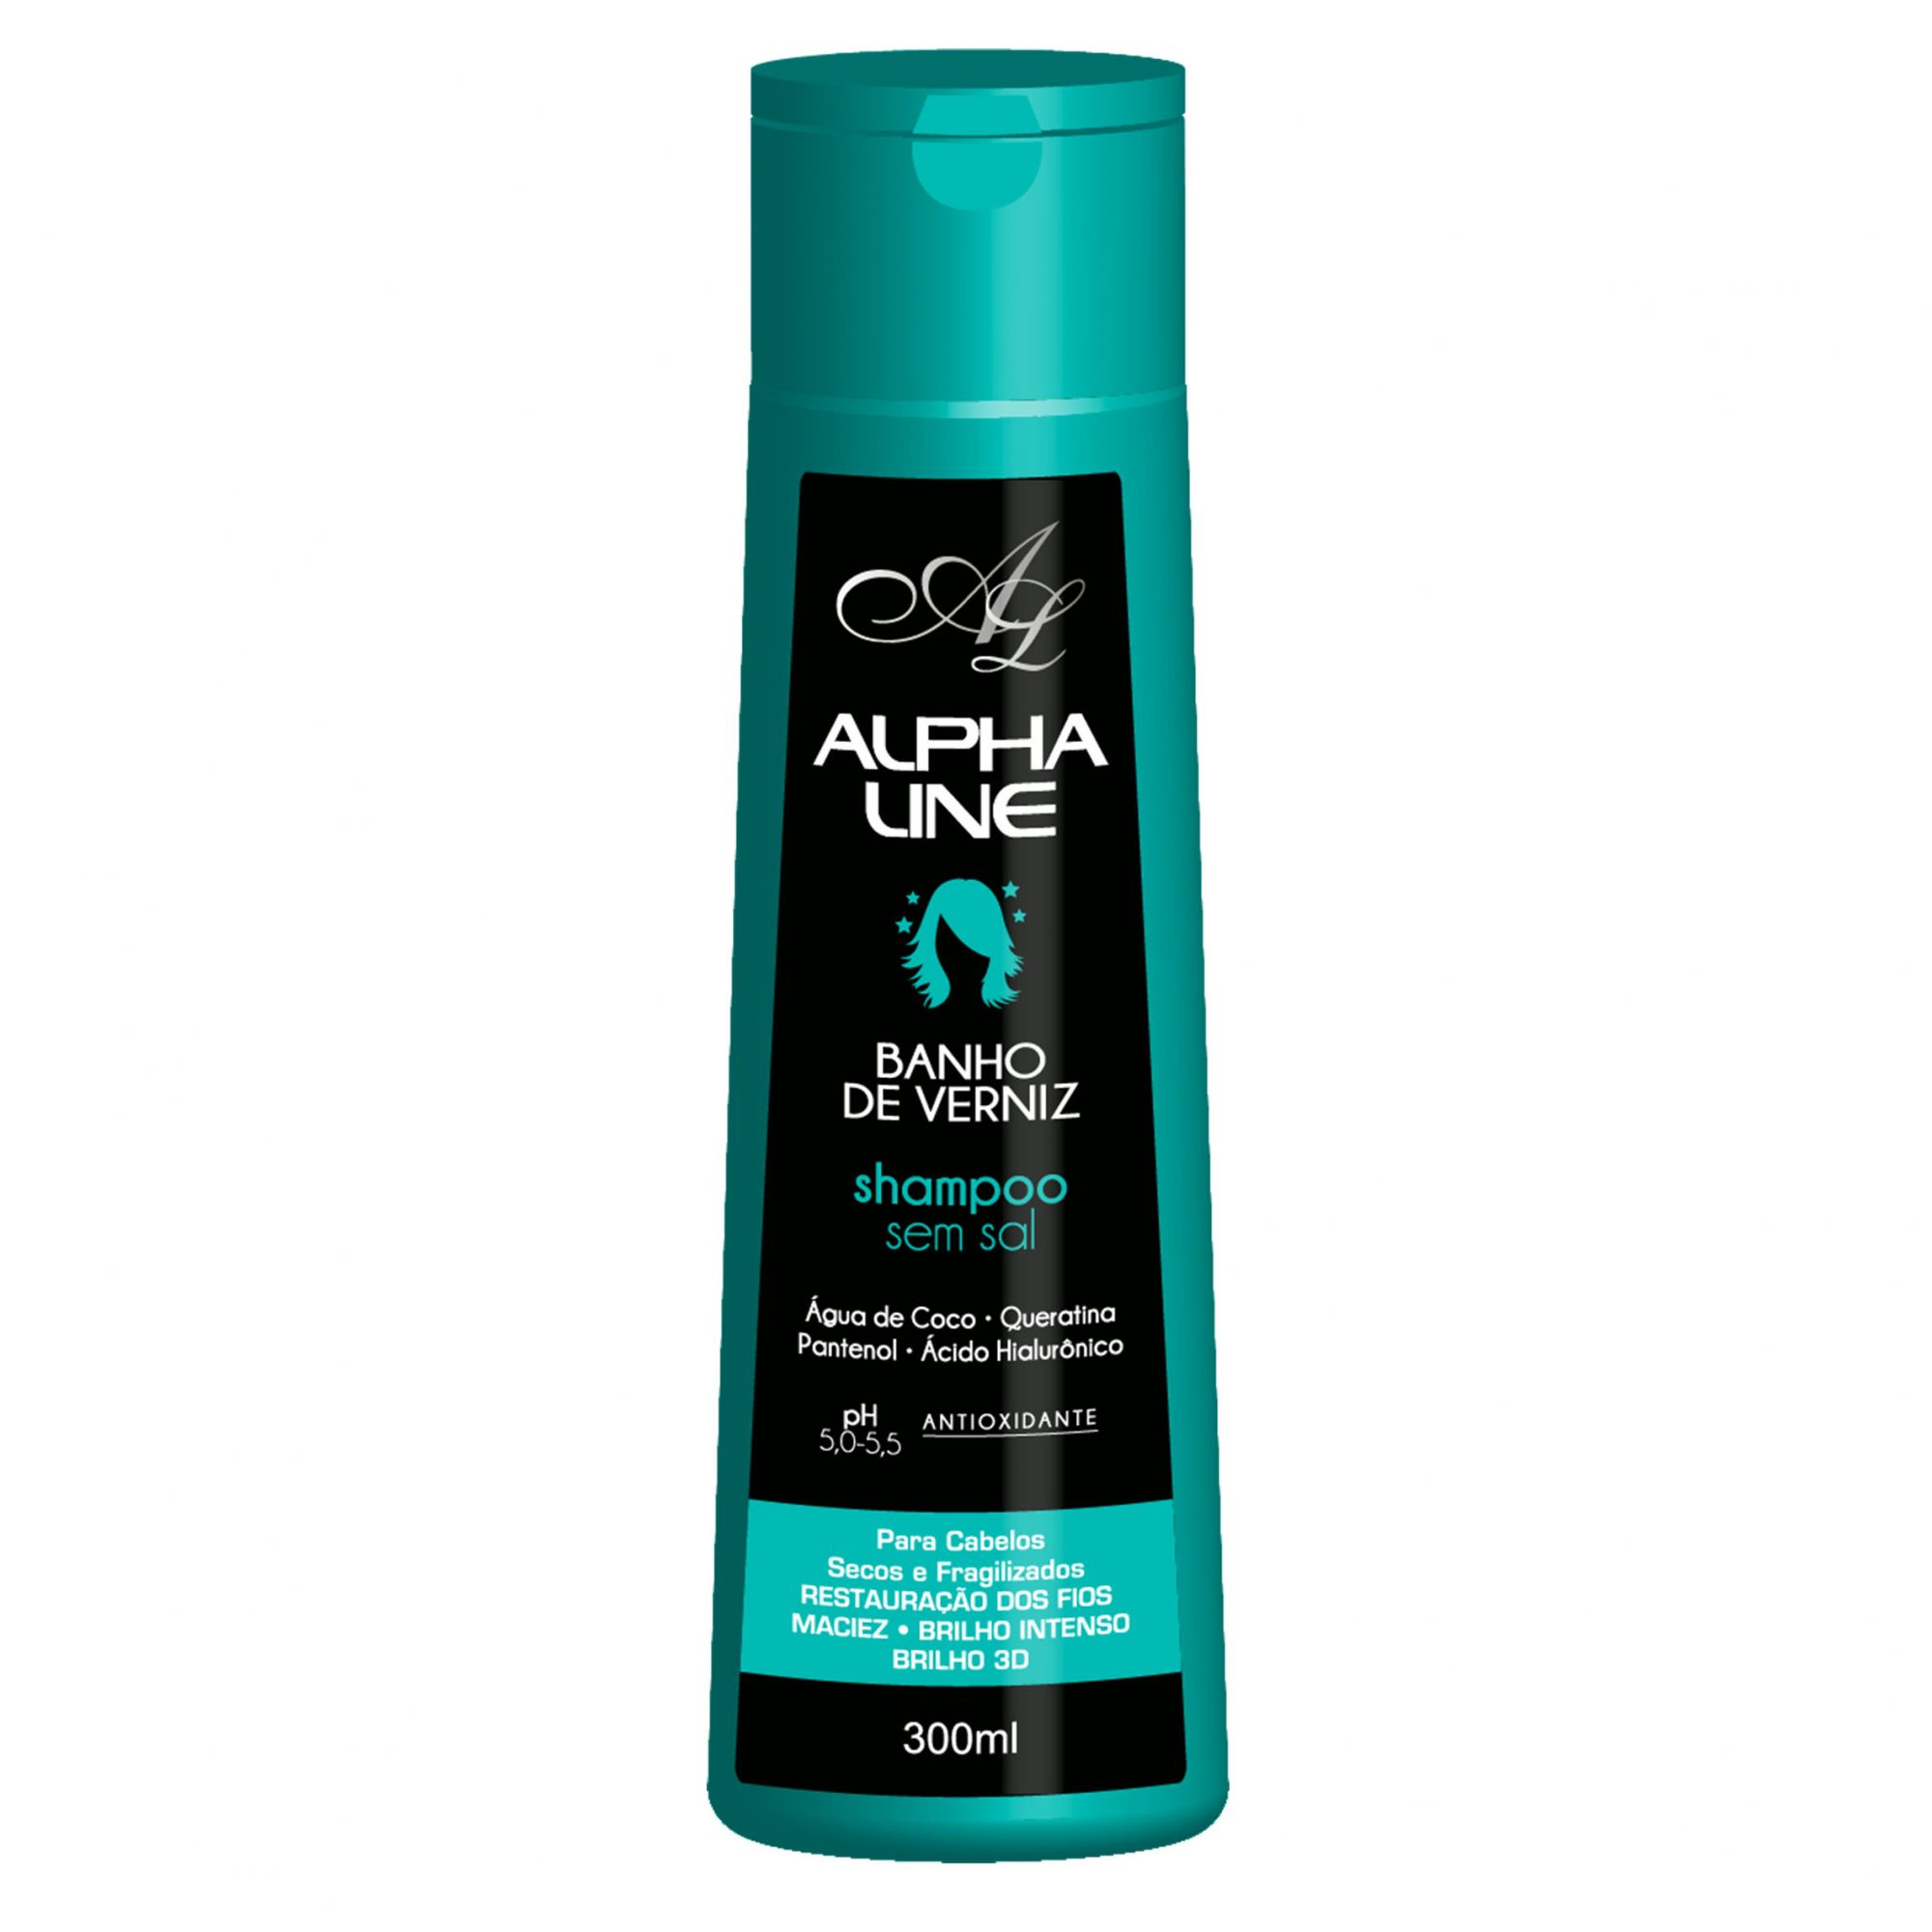 Alpha Line Shampoo Banho de Verniz 300ml.